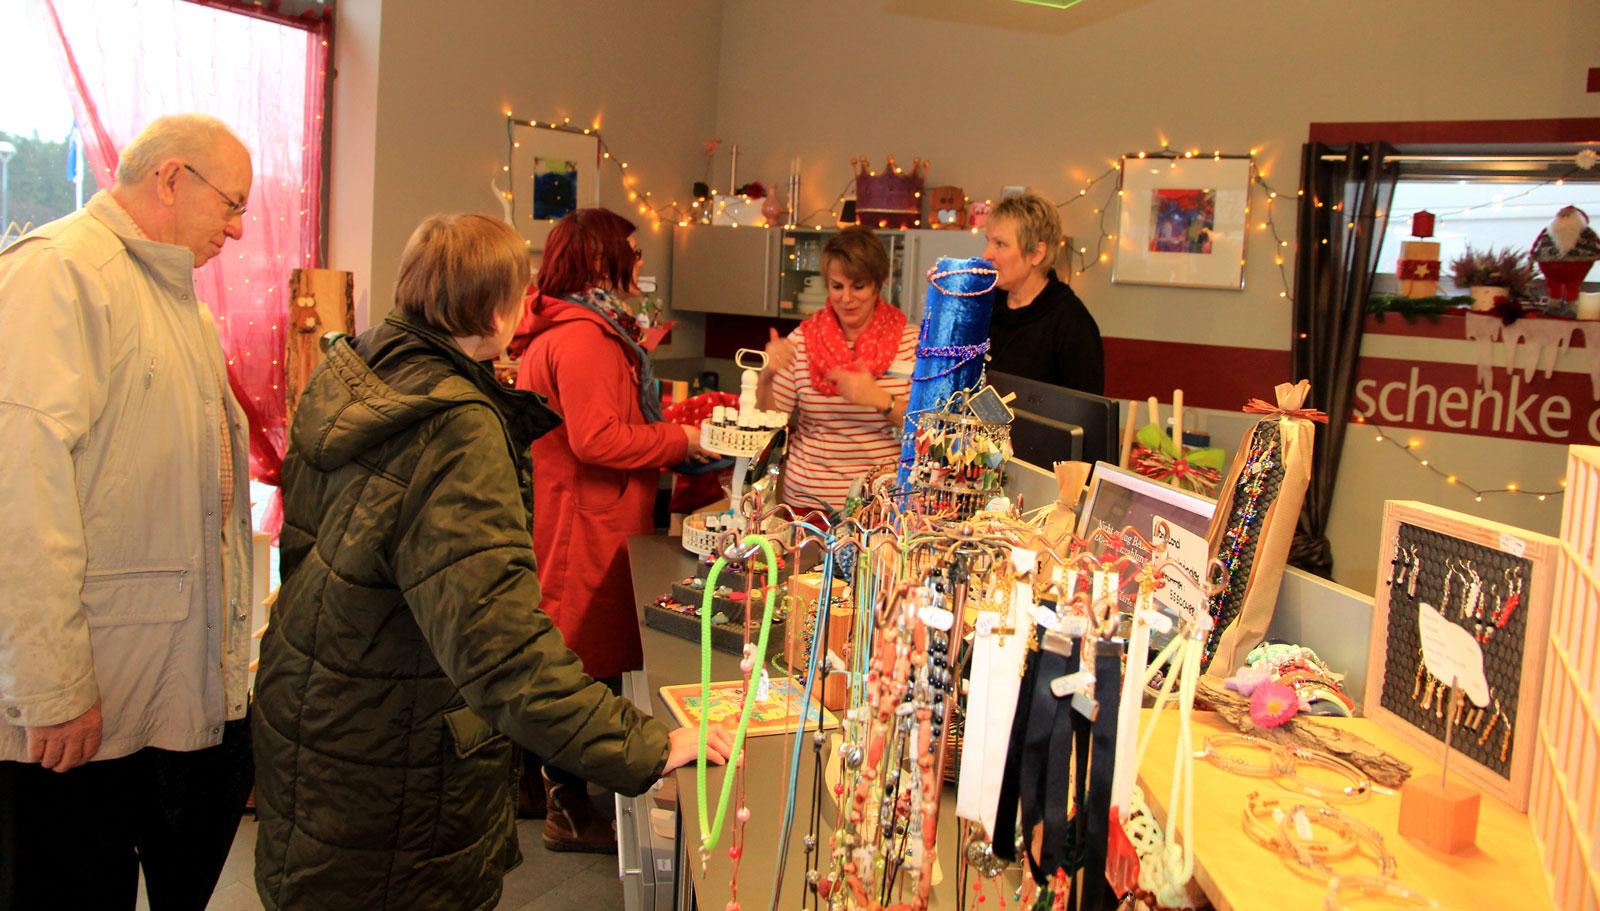 Verkaufsoffener Samstag der Moritzberg-Werkstätten lockte viele Besucher nach Schönberg